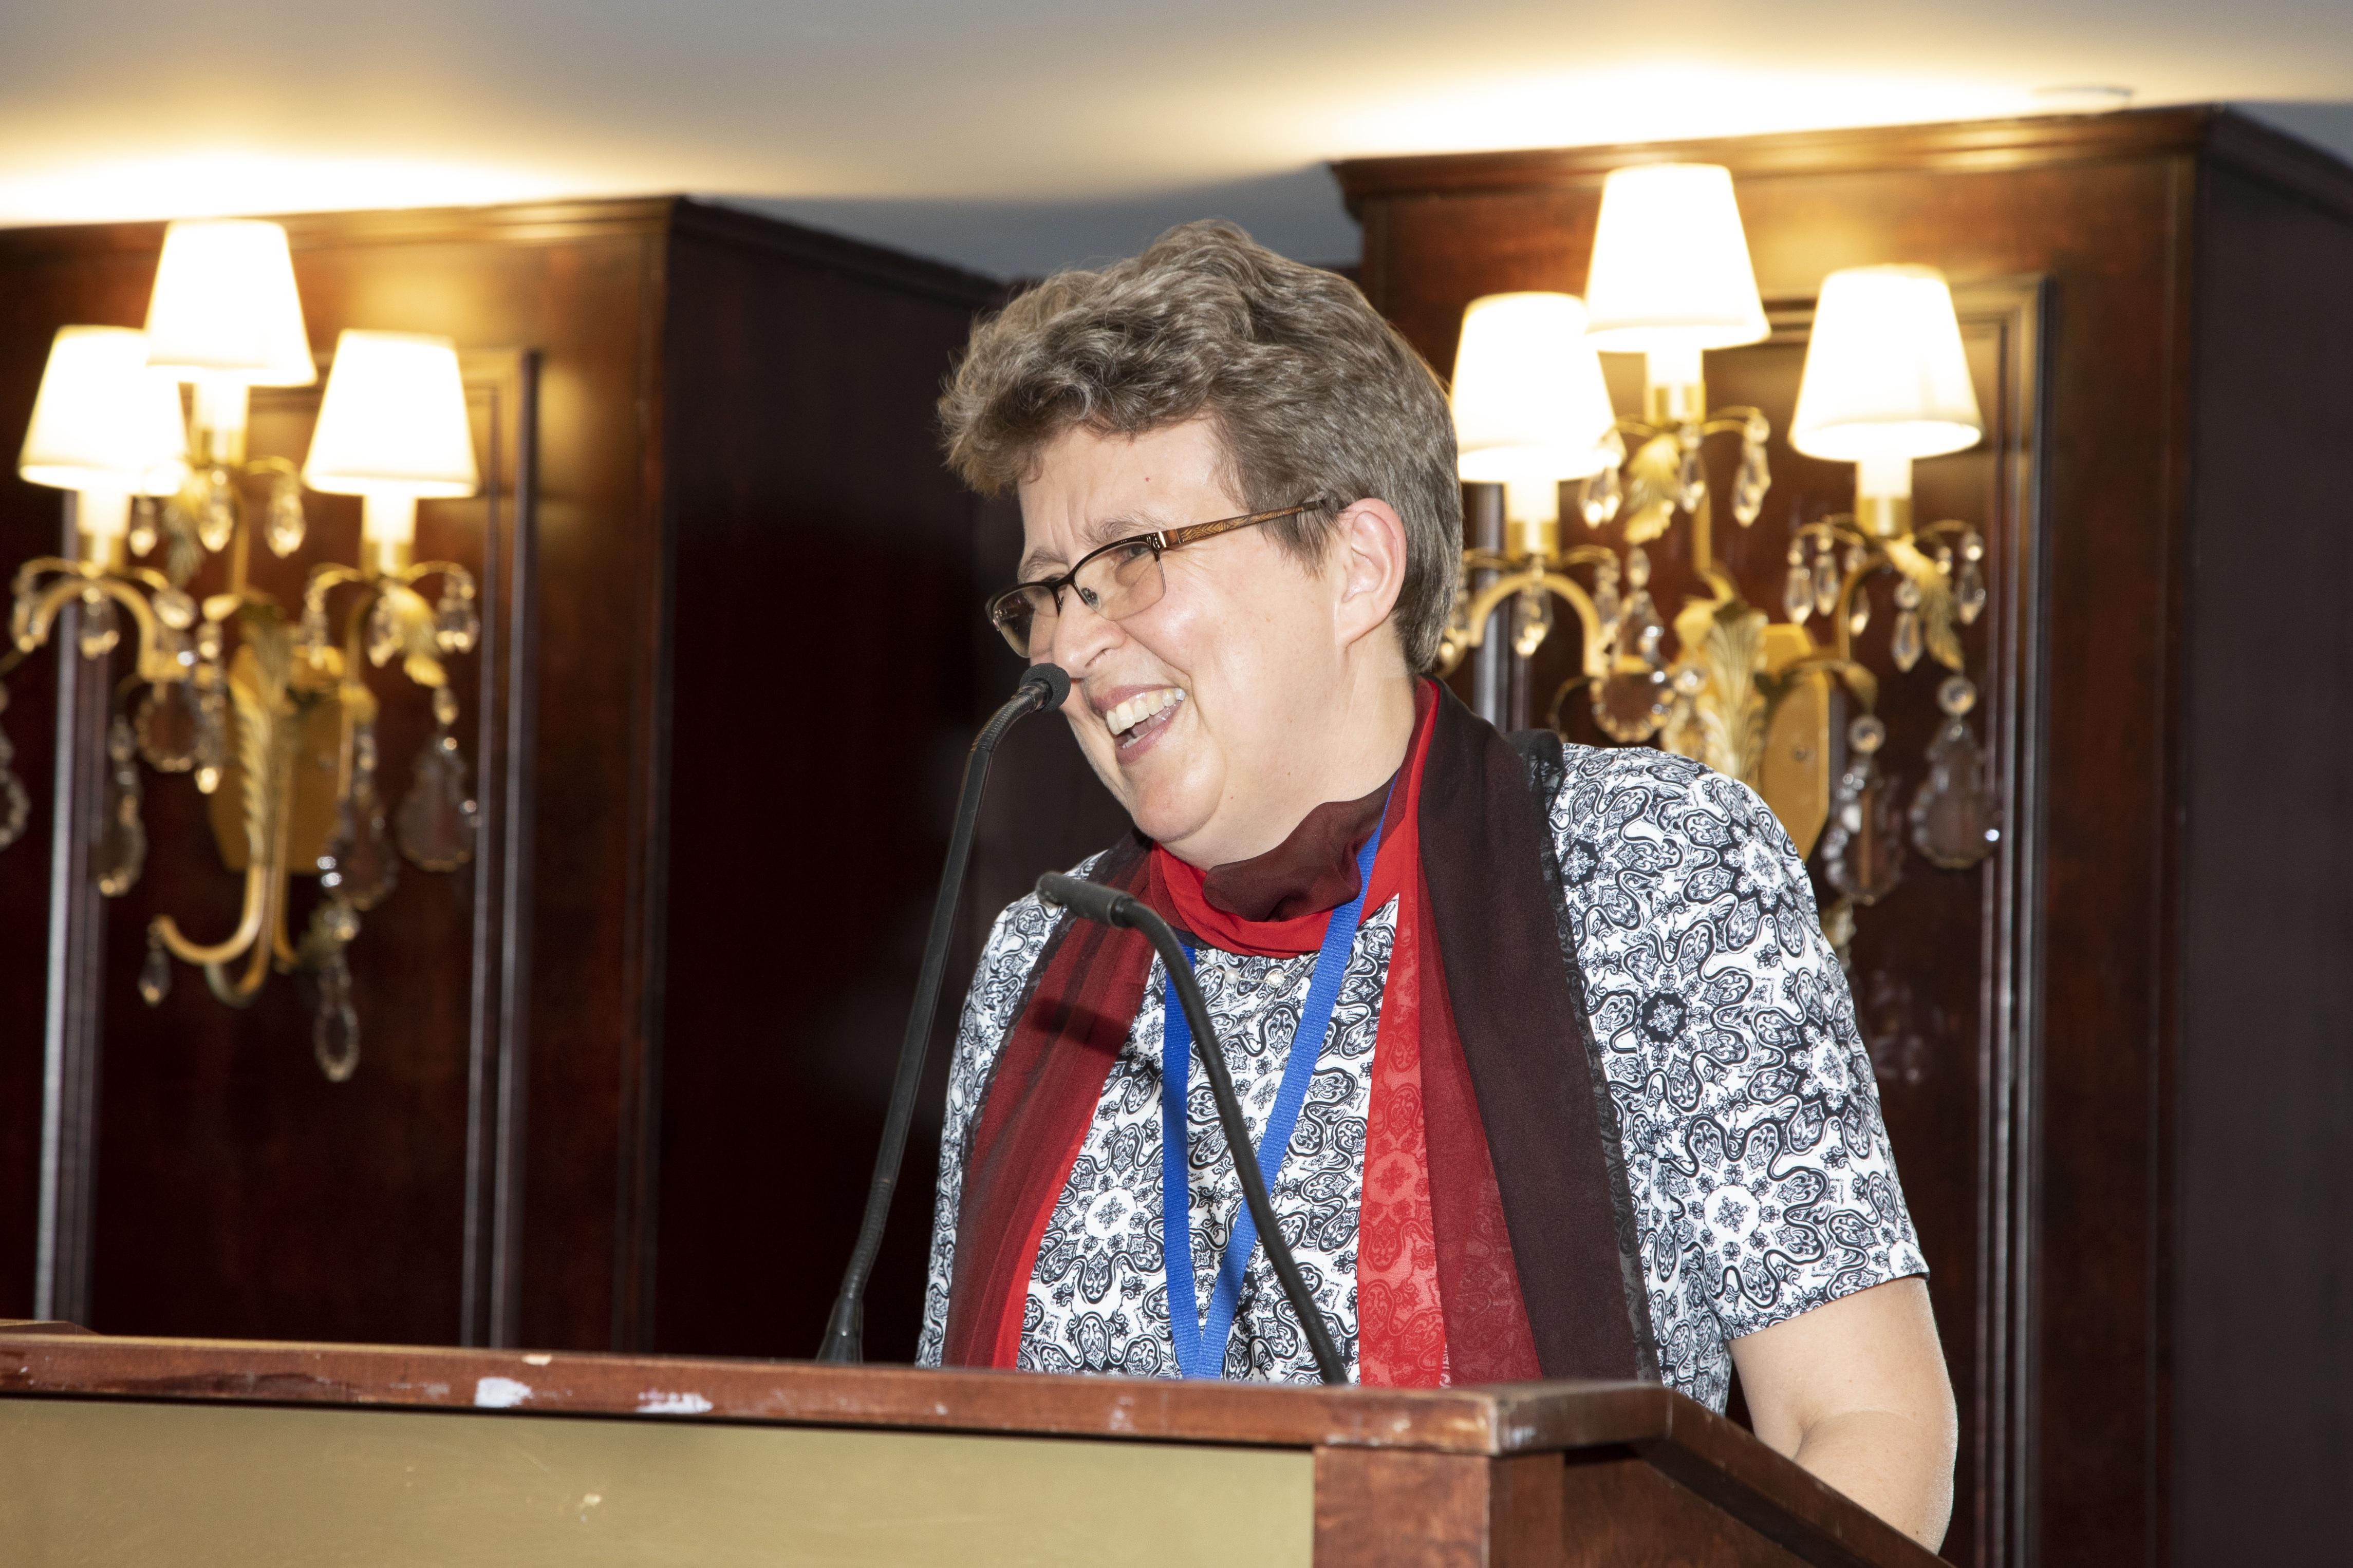 Ms Marie Bedard